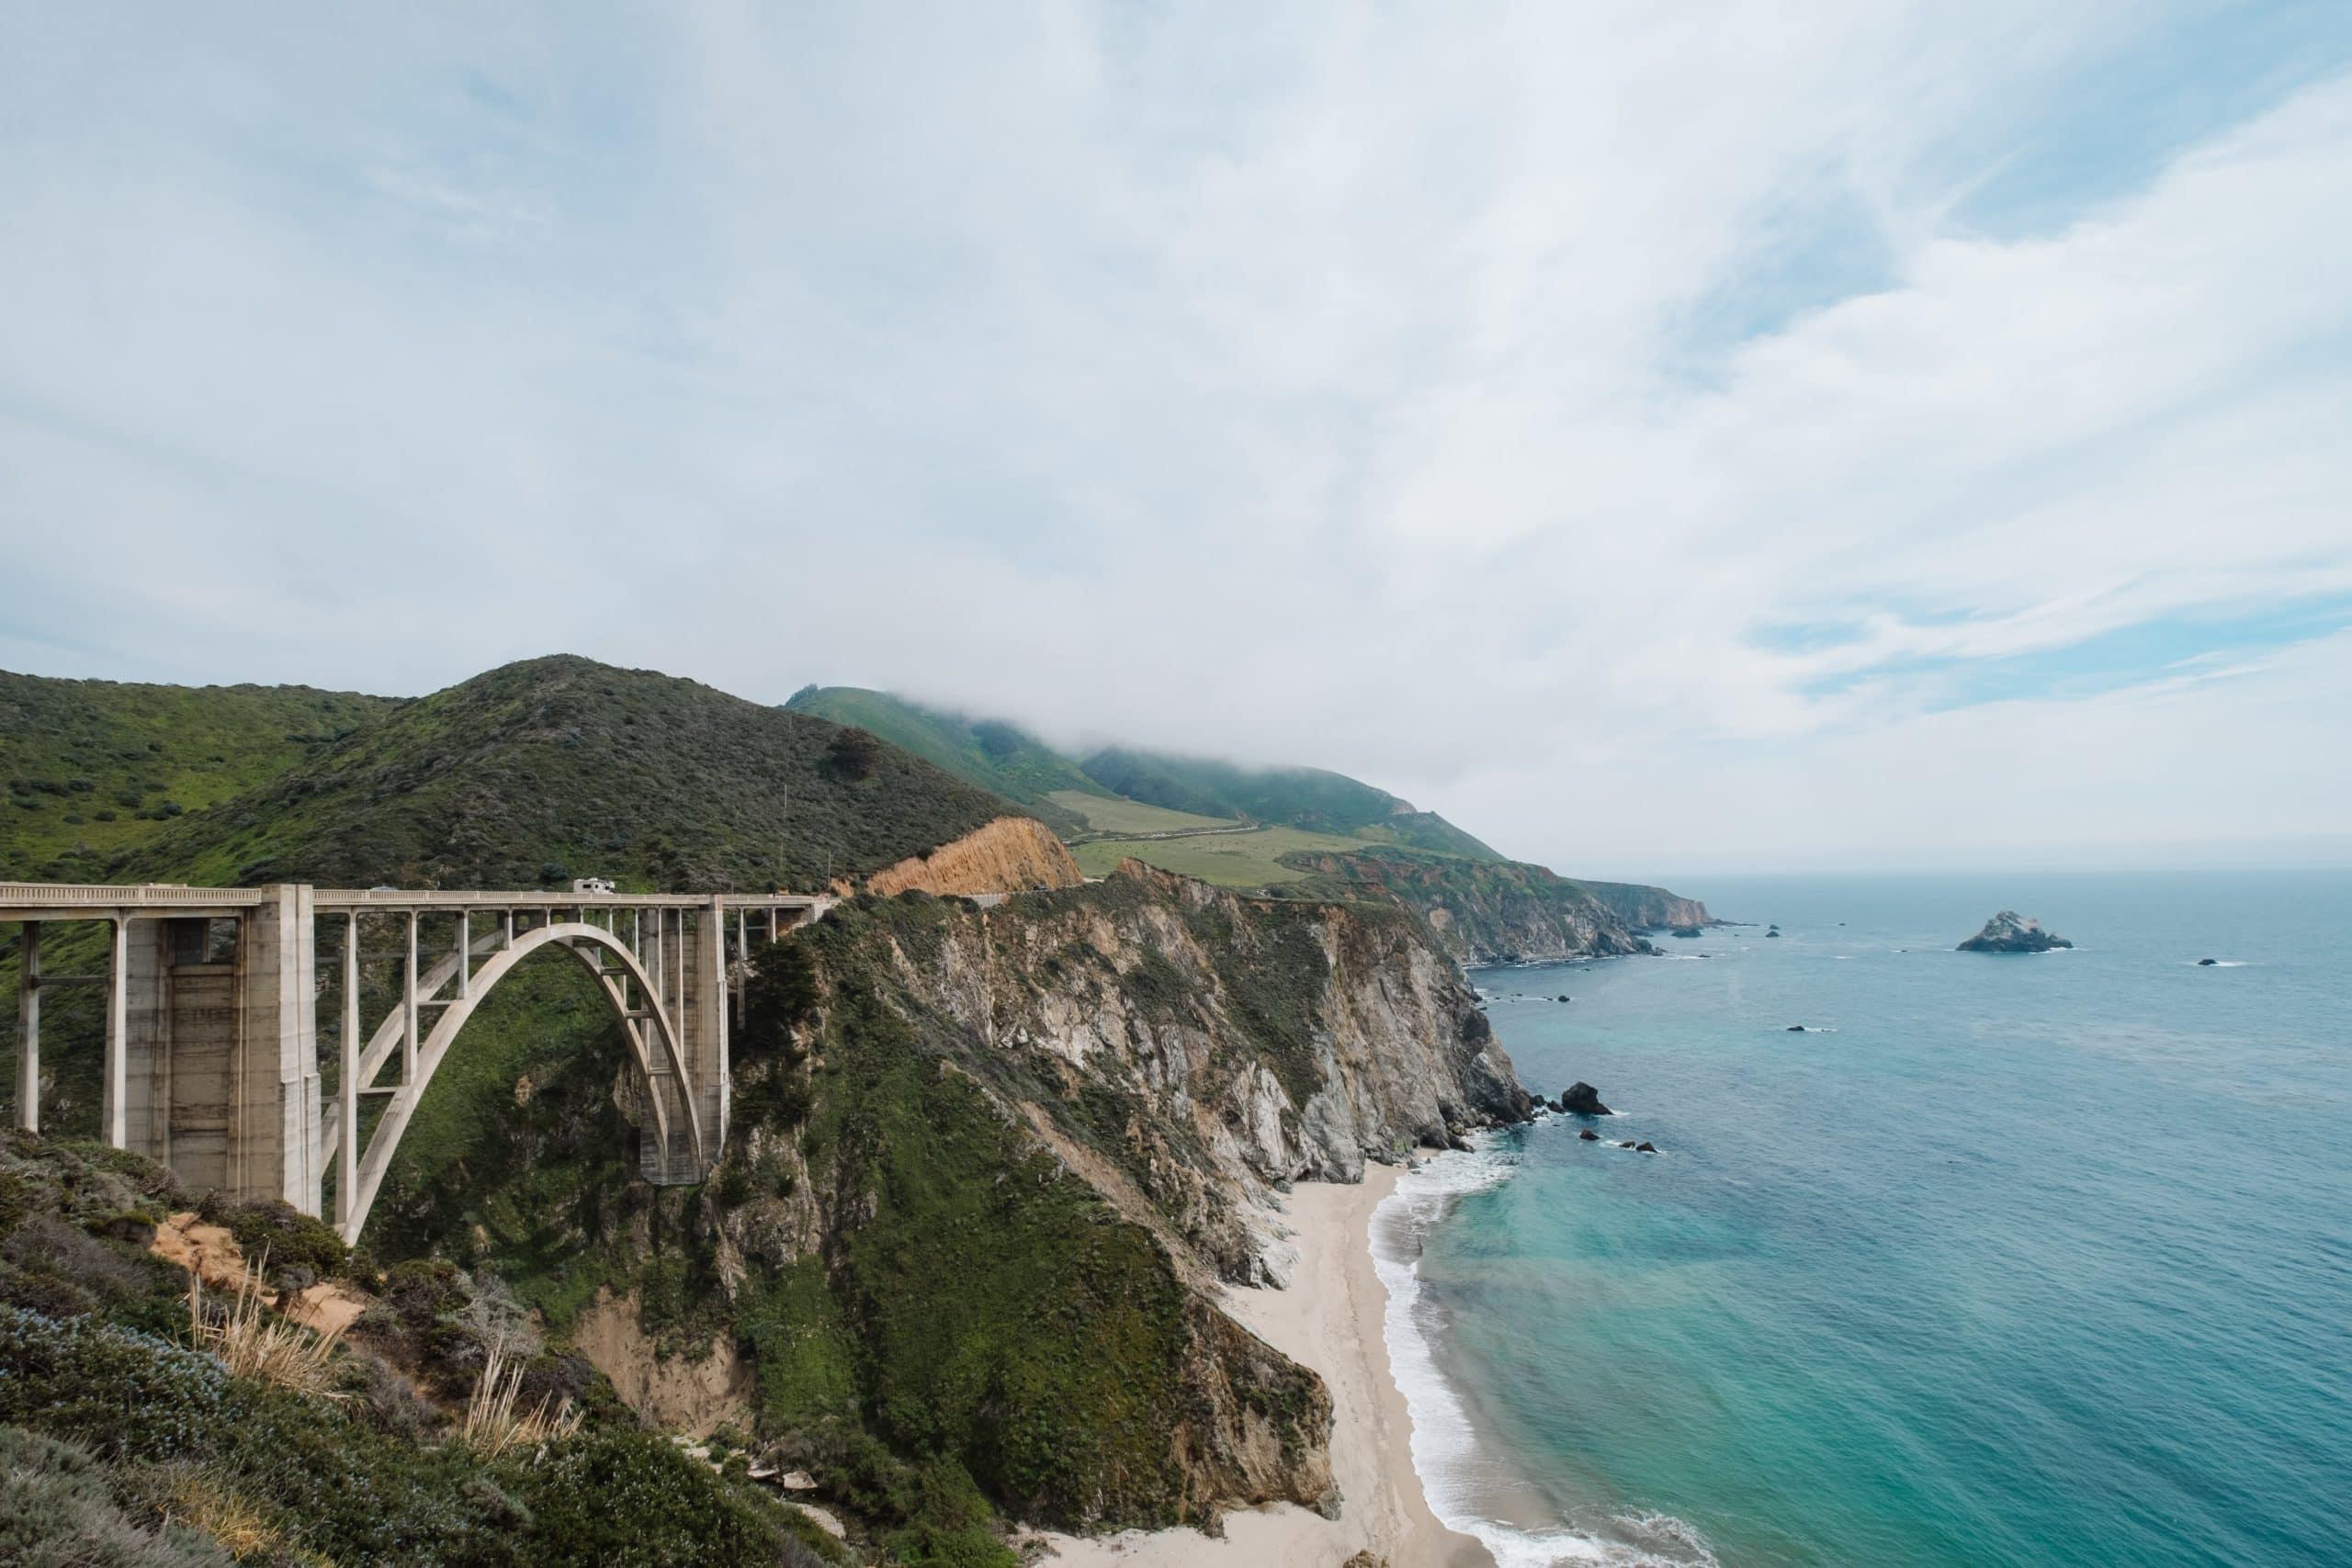 The Big Sur bridge in California.